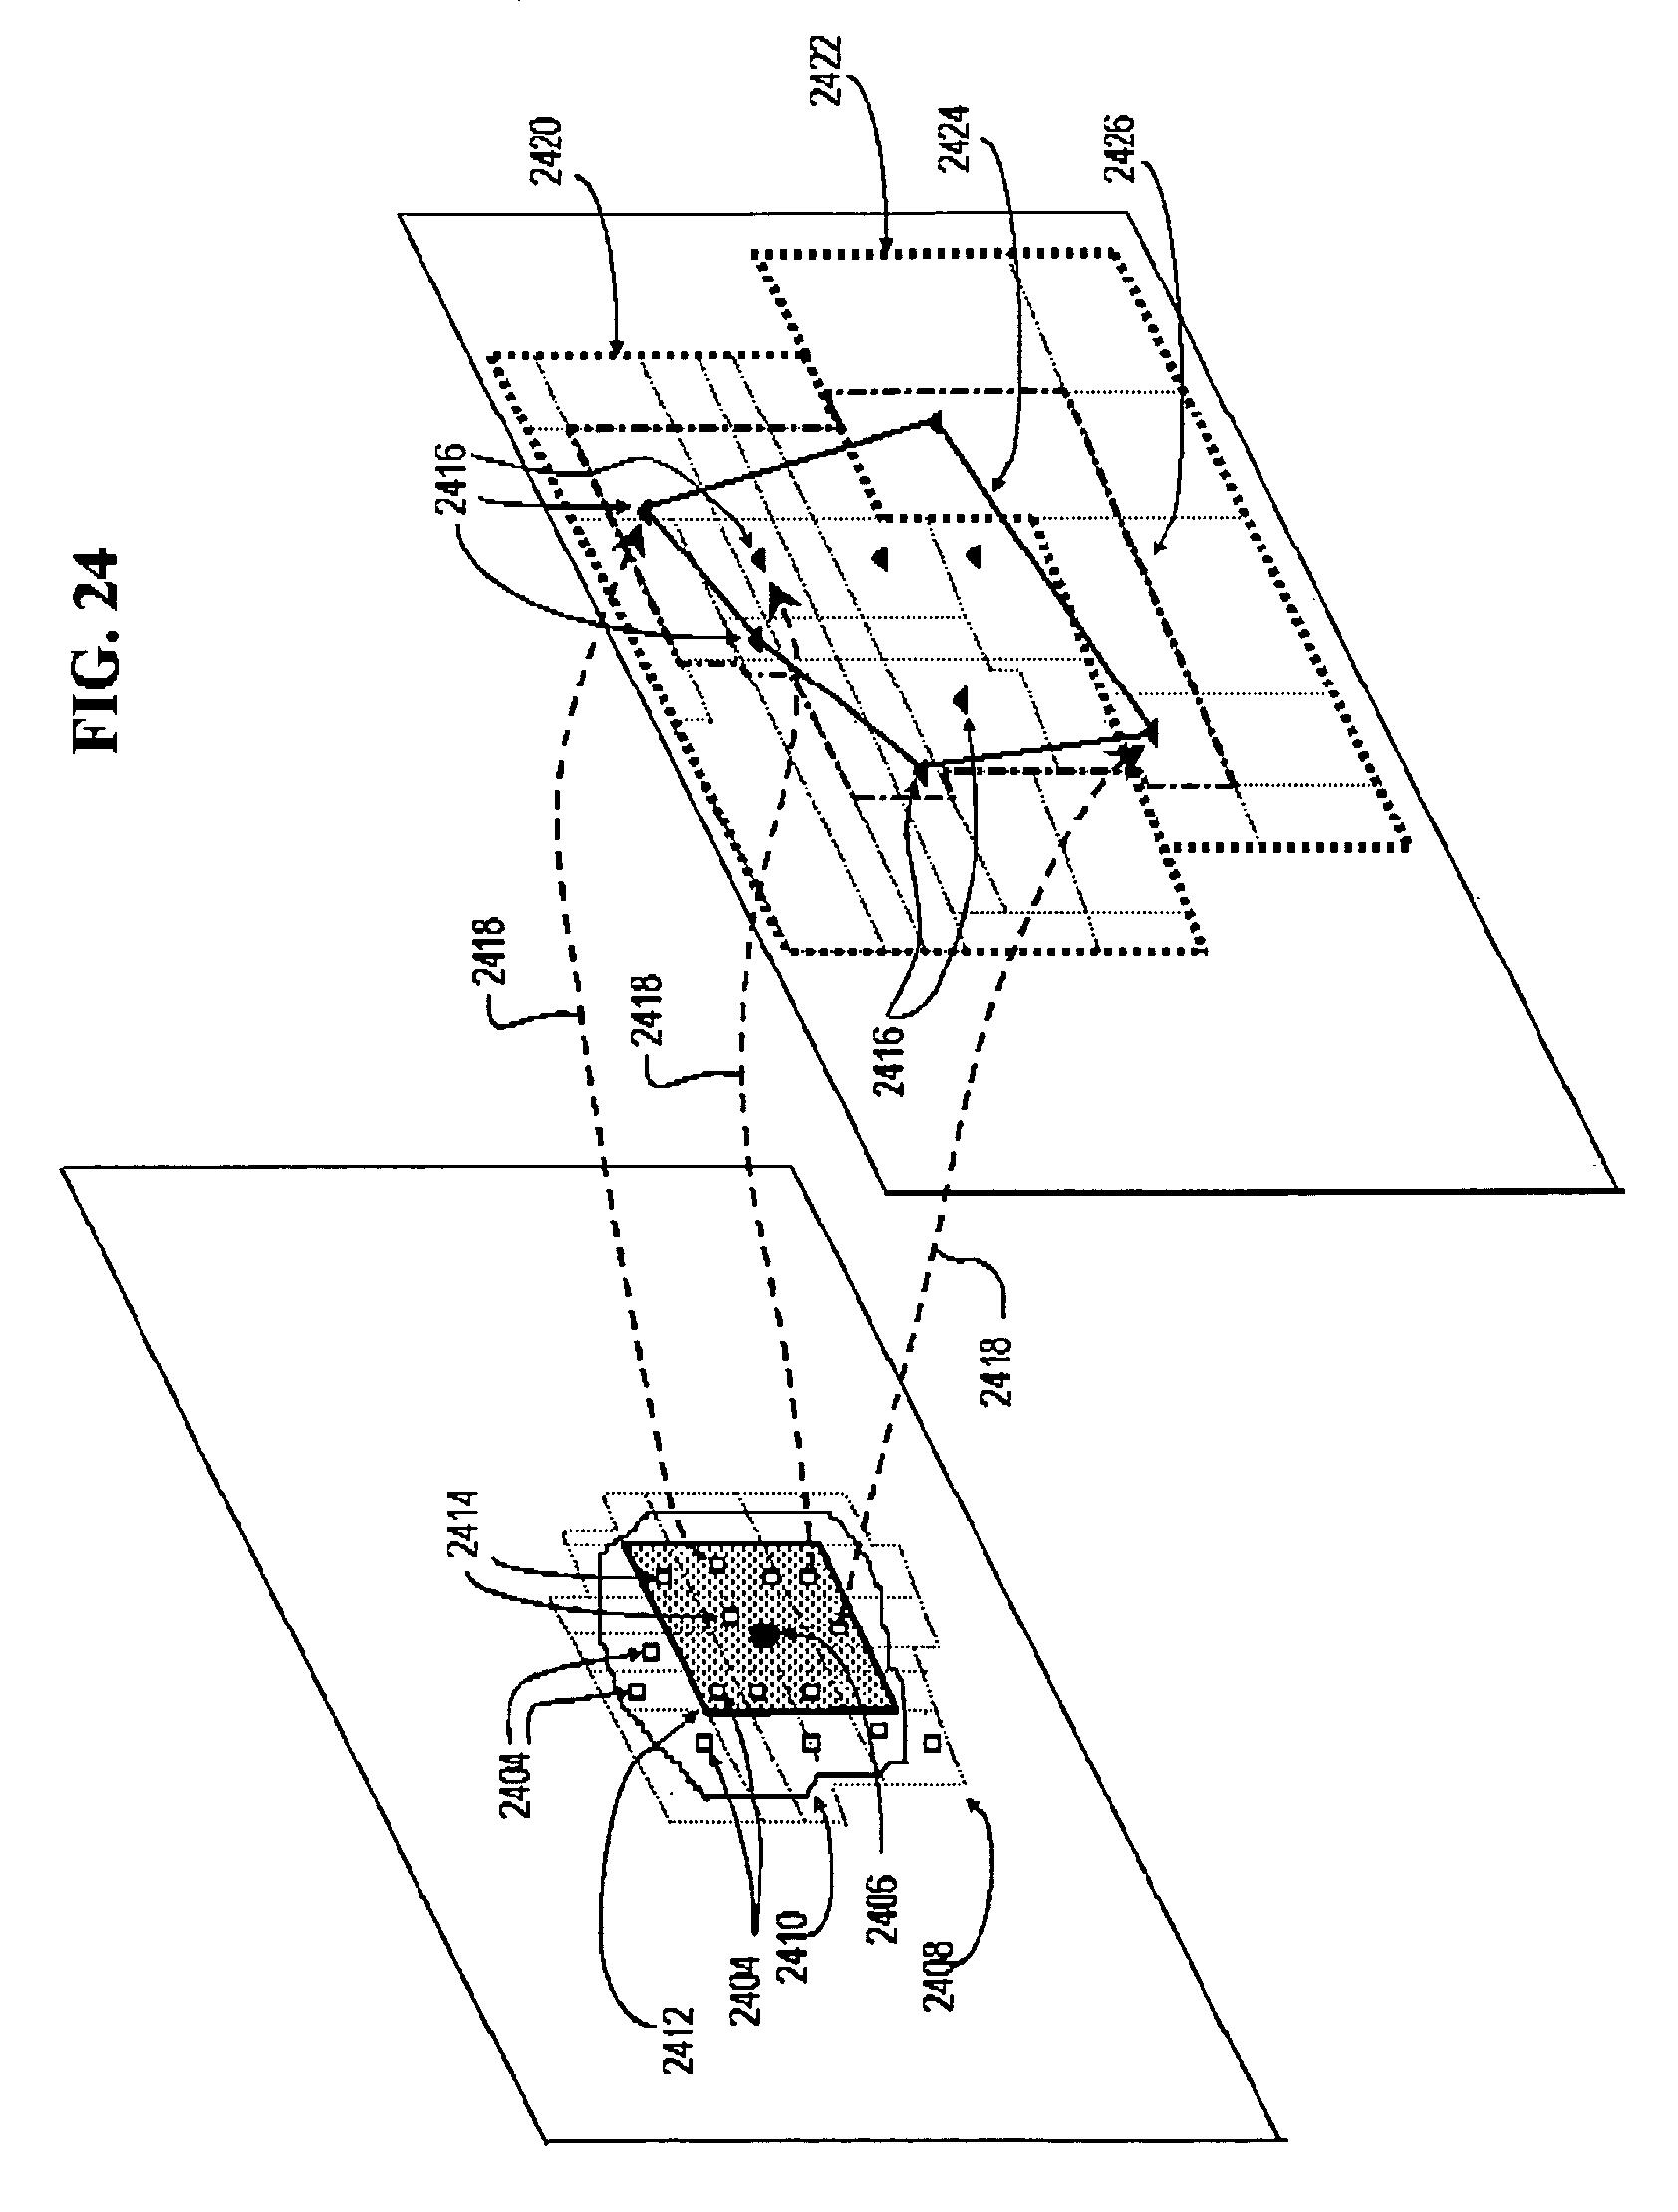 patent us 9 134 398 b2 TCP IP Model vs OSI Model patent images